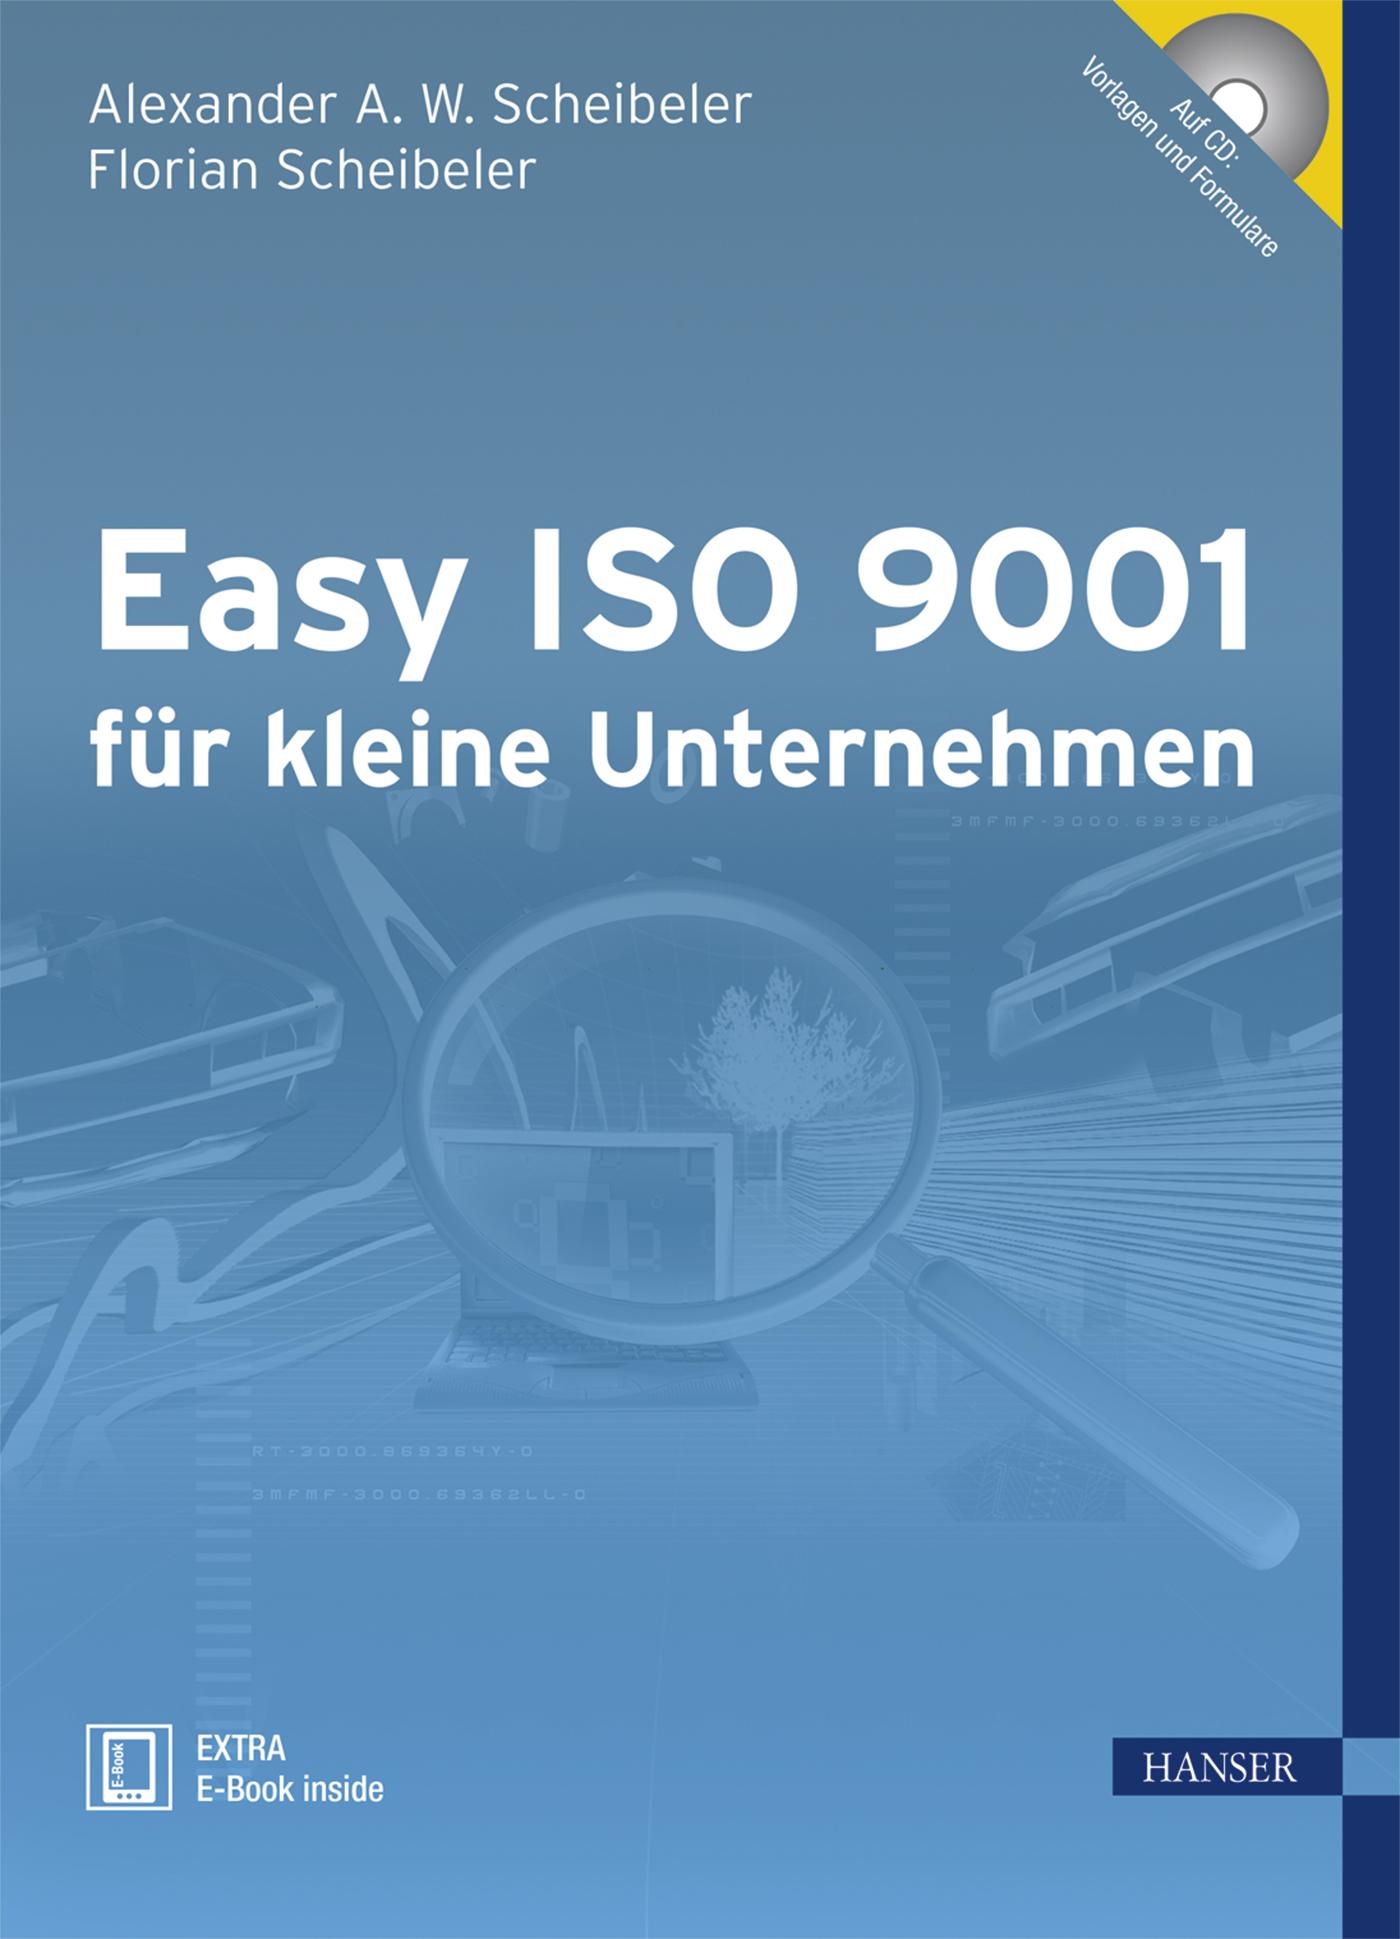 Scheibeler, Scheibeler, Easy ISO 9001 für kleine Unternehmen, 978-3-446-42339-8